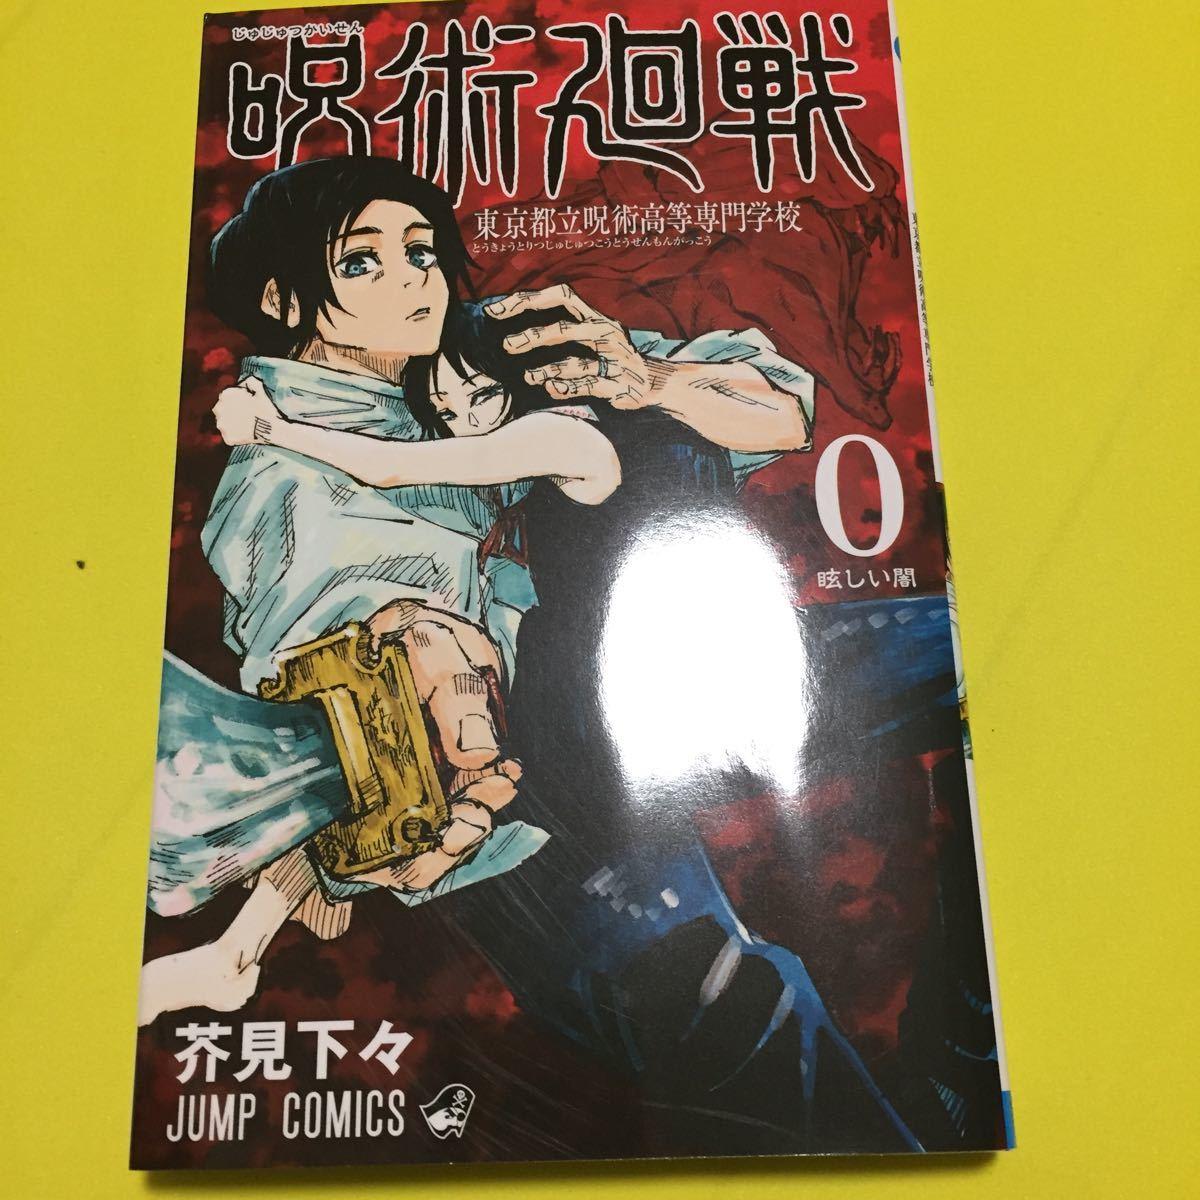 呪術廻戦 0 東京都立呪術高等専門学校 (ジャンプコミックス)